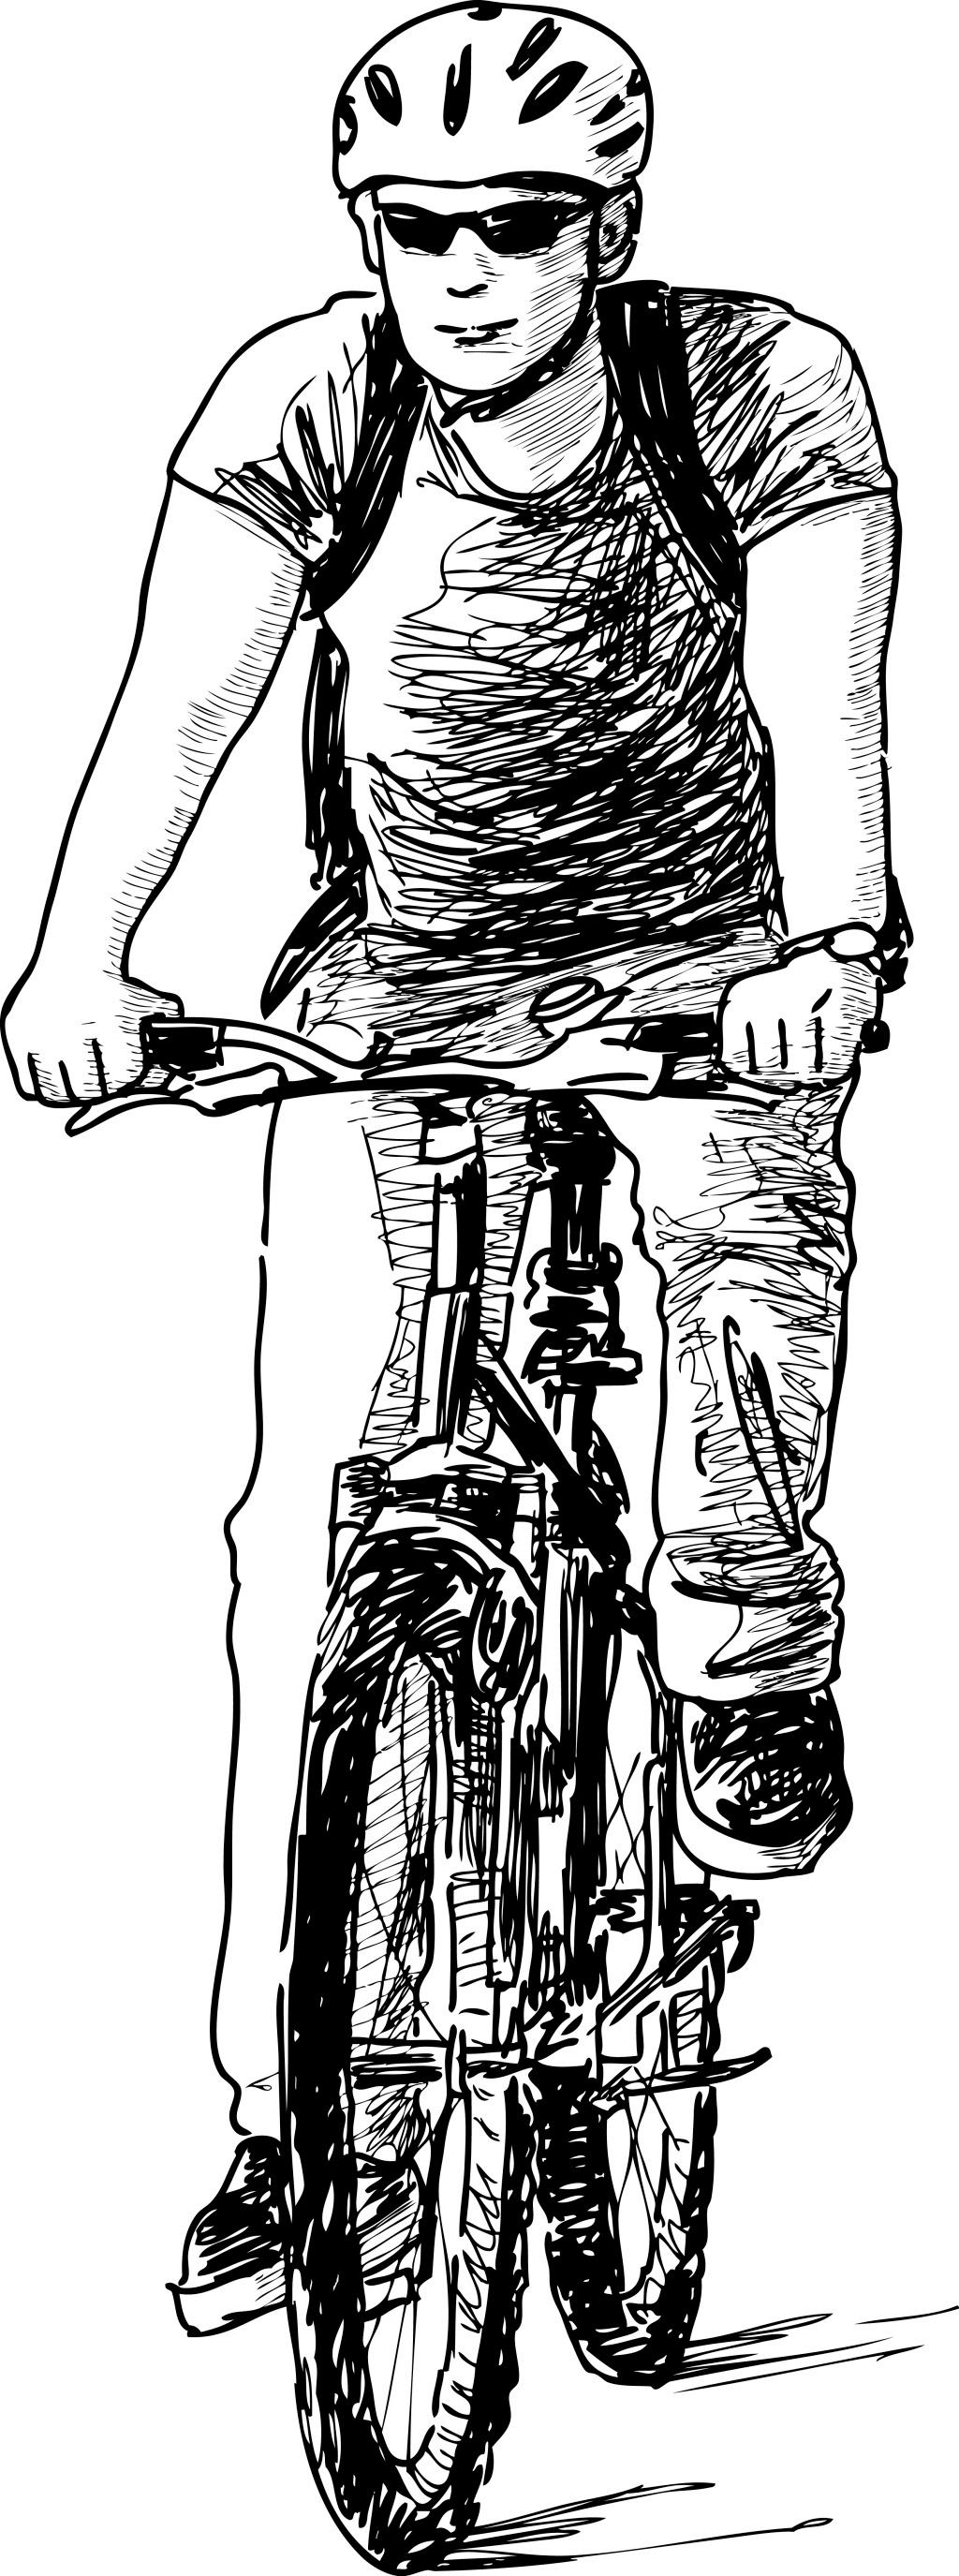 速写骑自行车的人